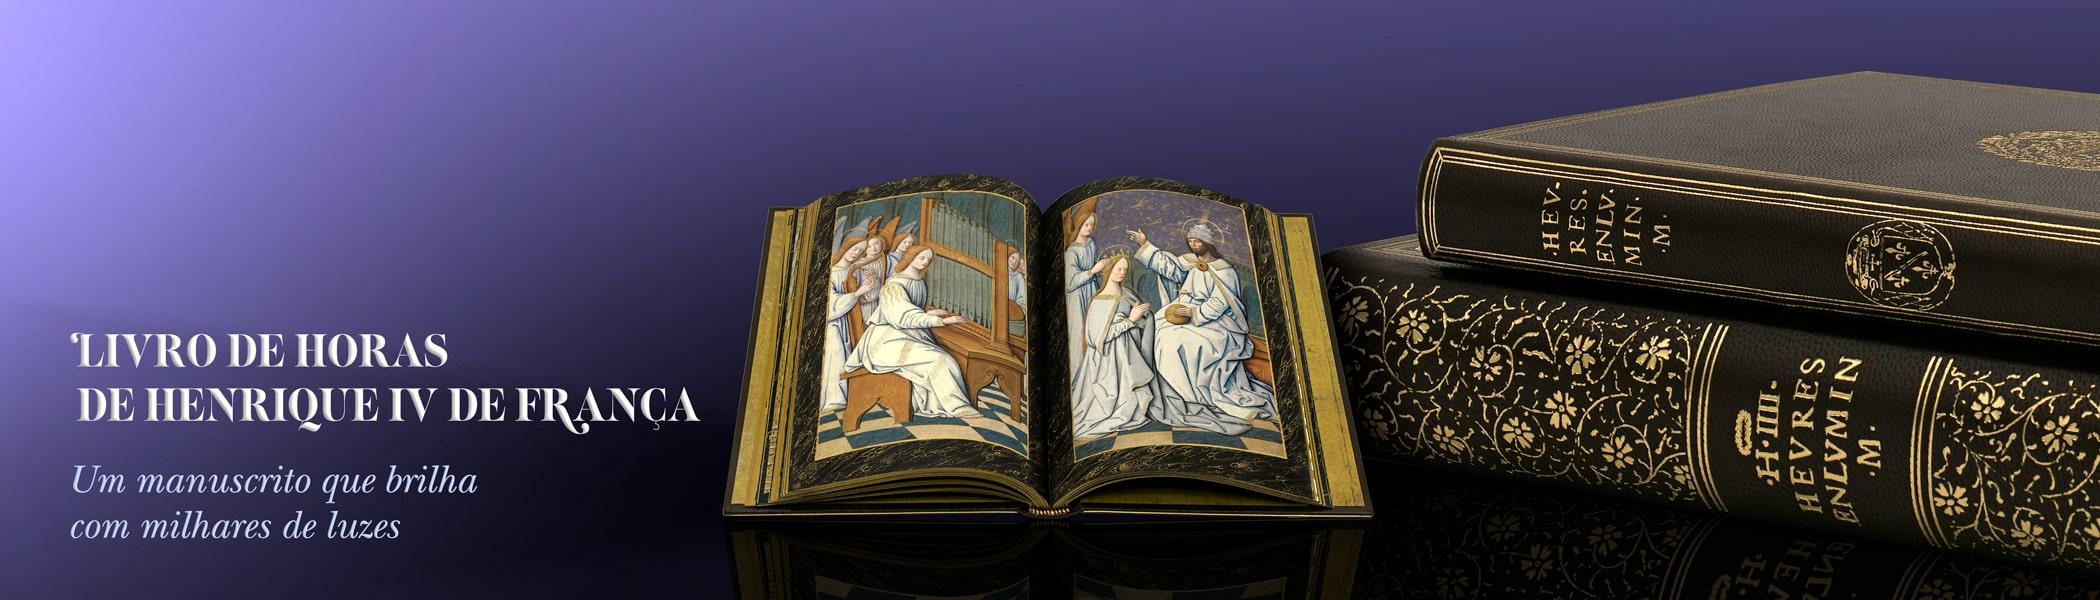 Livro de Horas de Henrique IV de França. Um manuscrito que brilha com milhares de luzes.